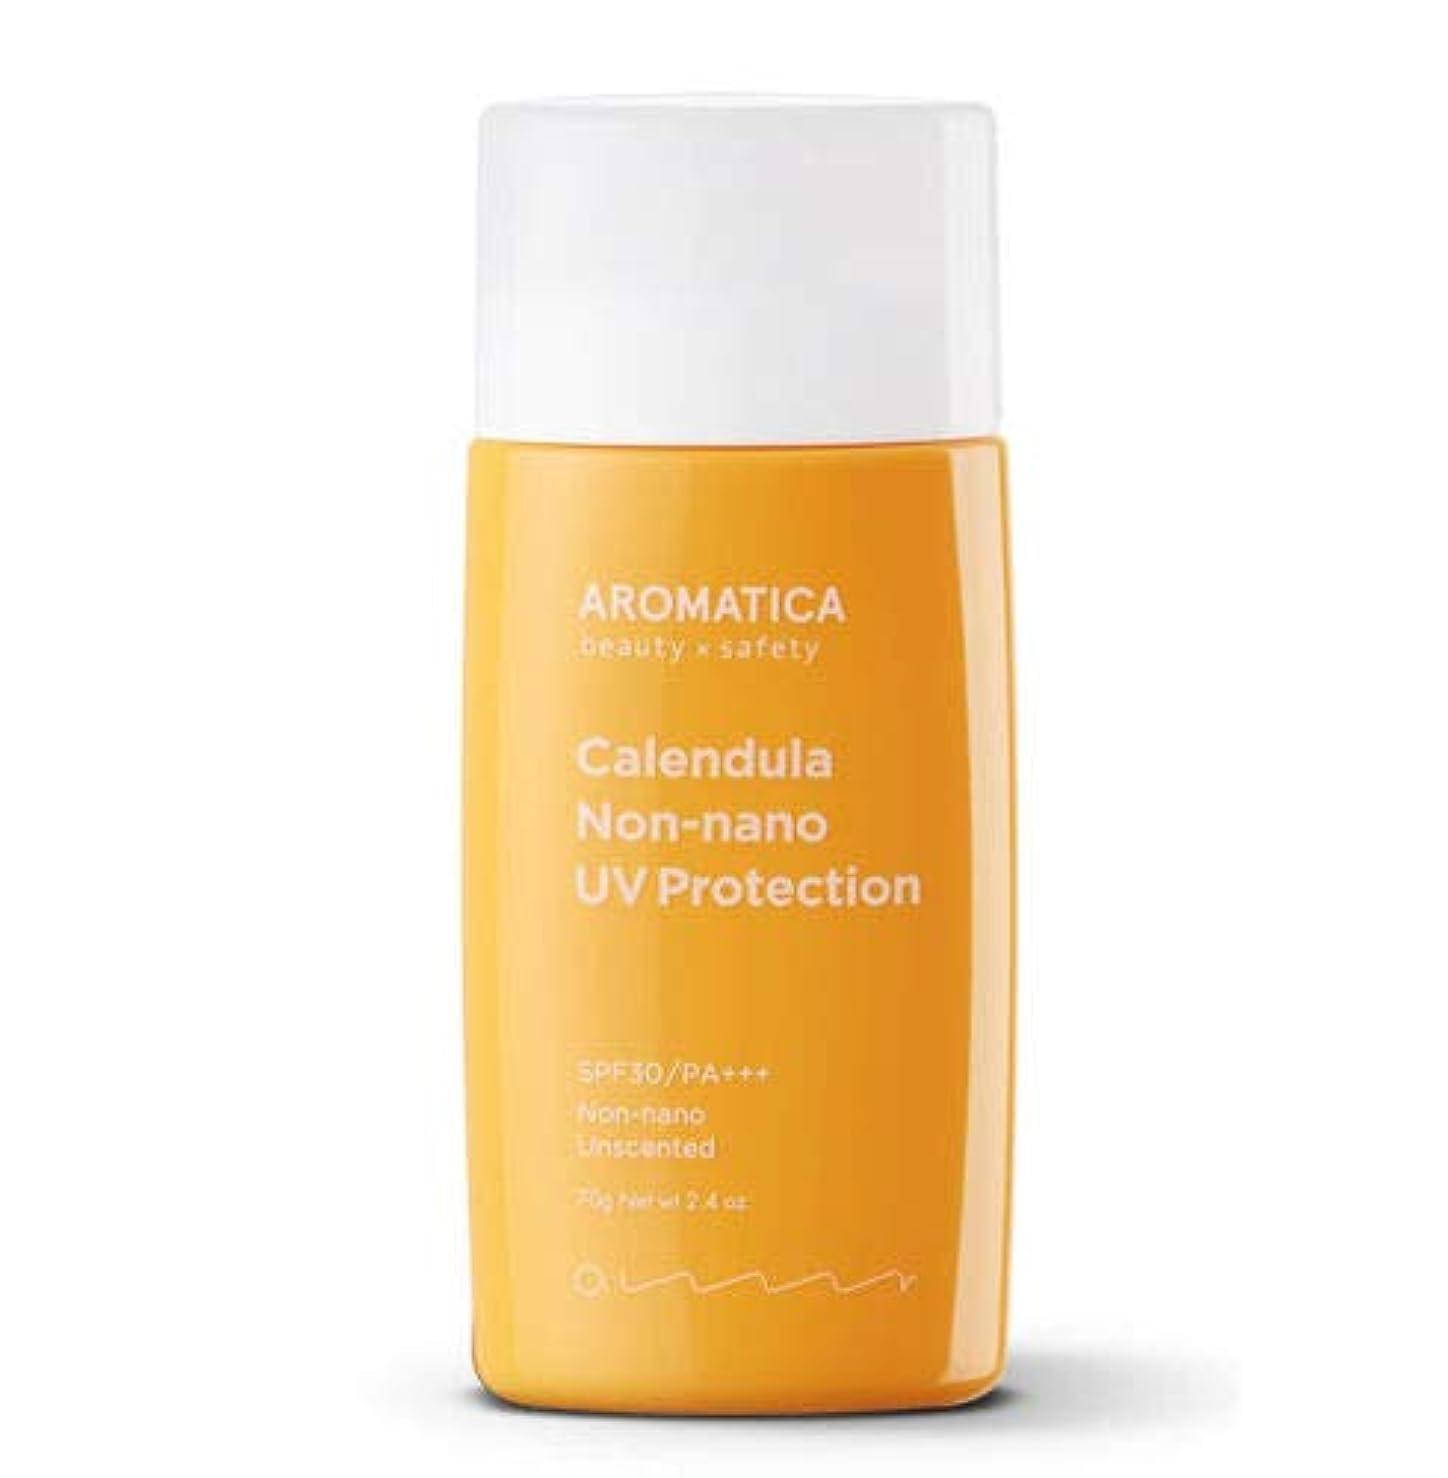 絶えず不道徳海洋のAROMATICA アロマティカ Calendula NON-NANO UV Protection Unscented サンクリーム 70g SPF30/PA+++ 米国 日焼け止め